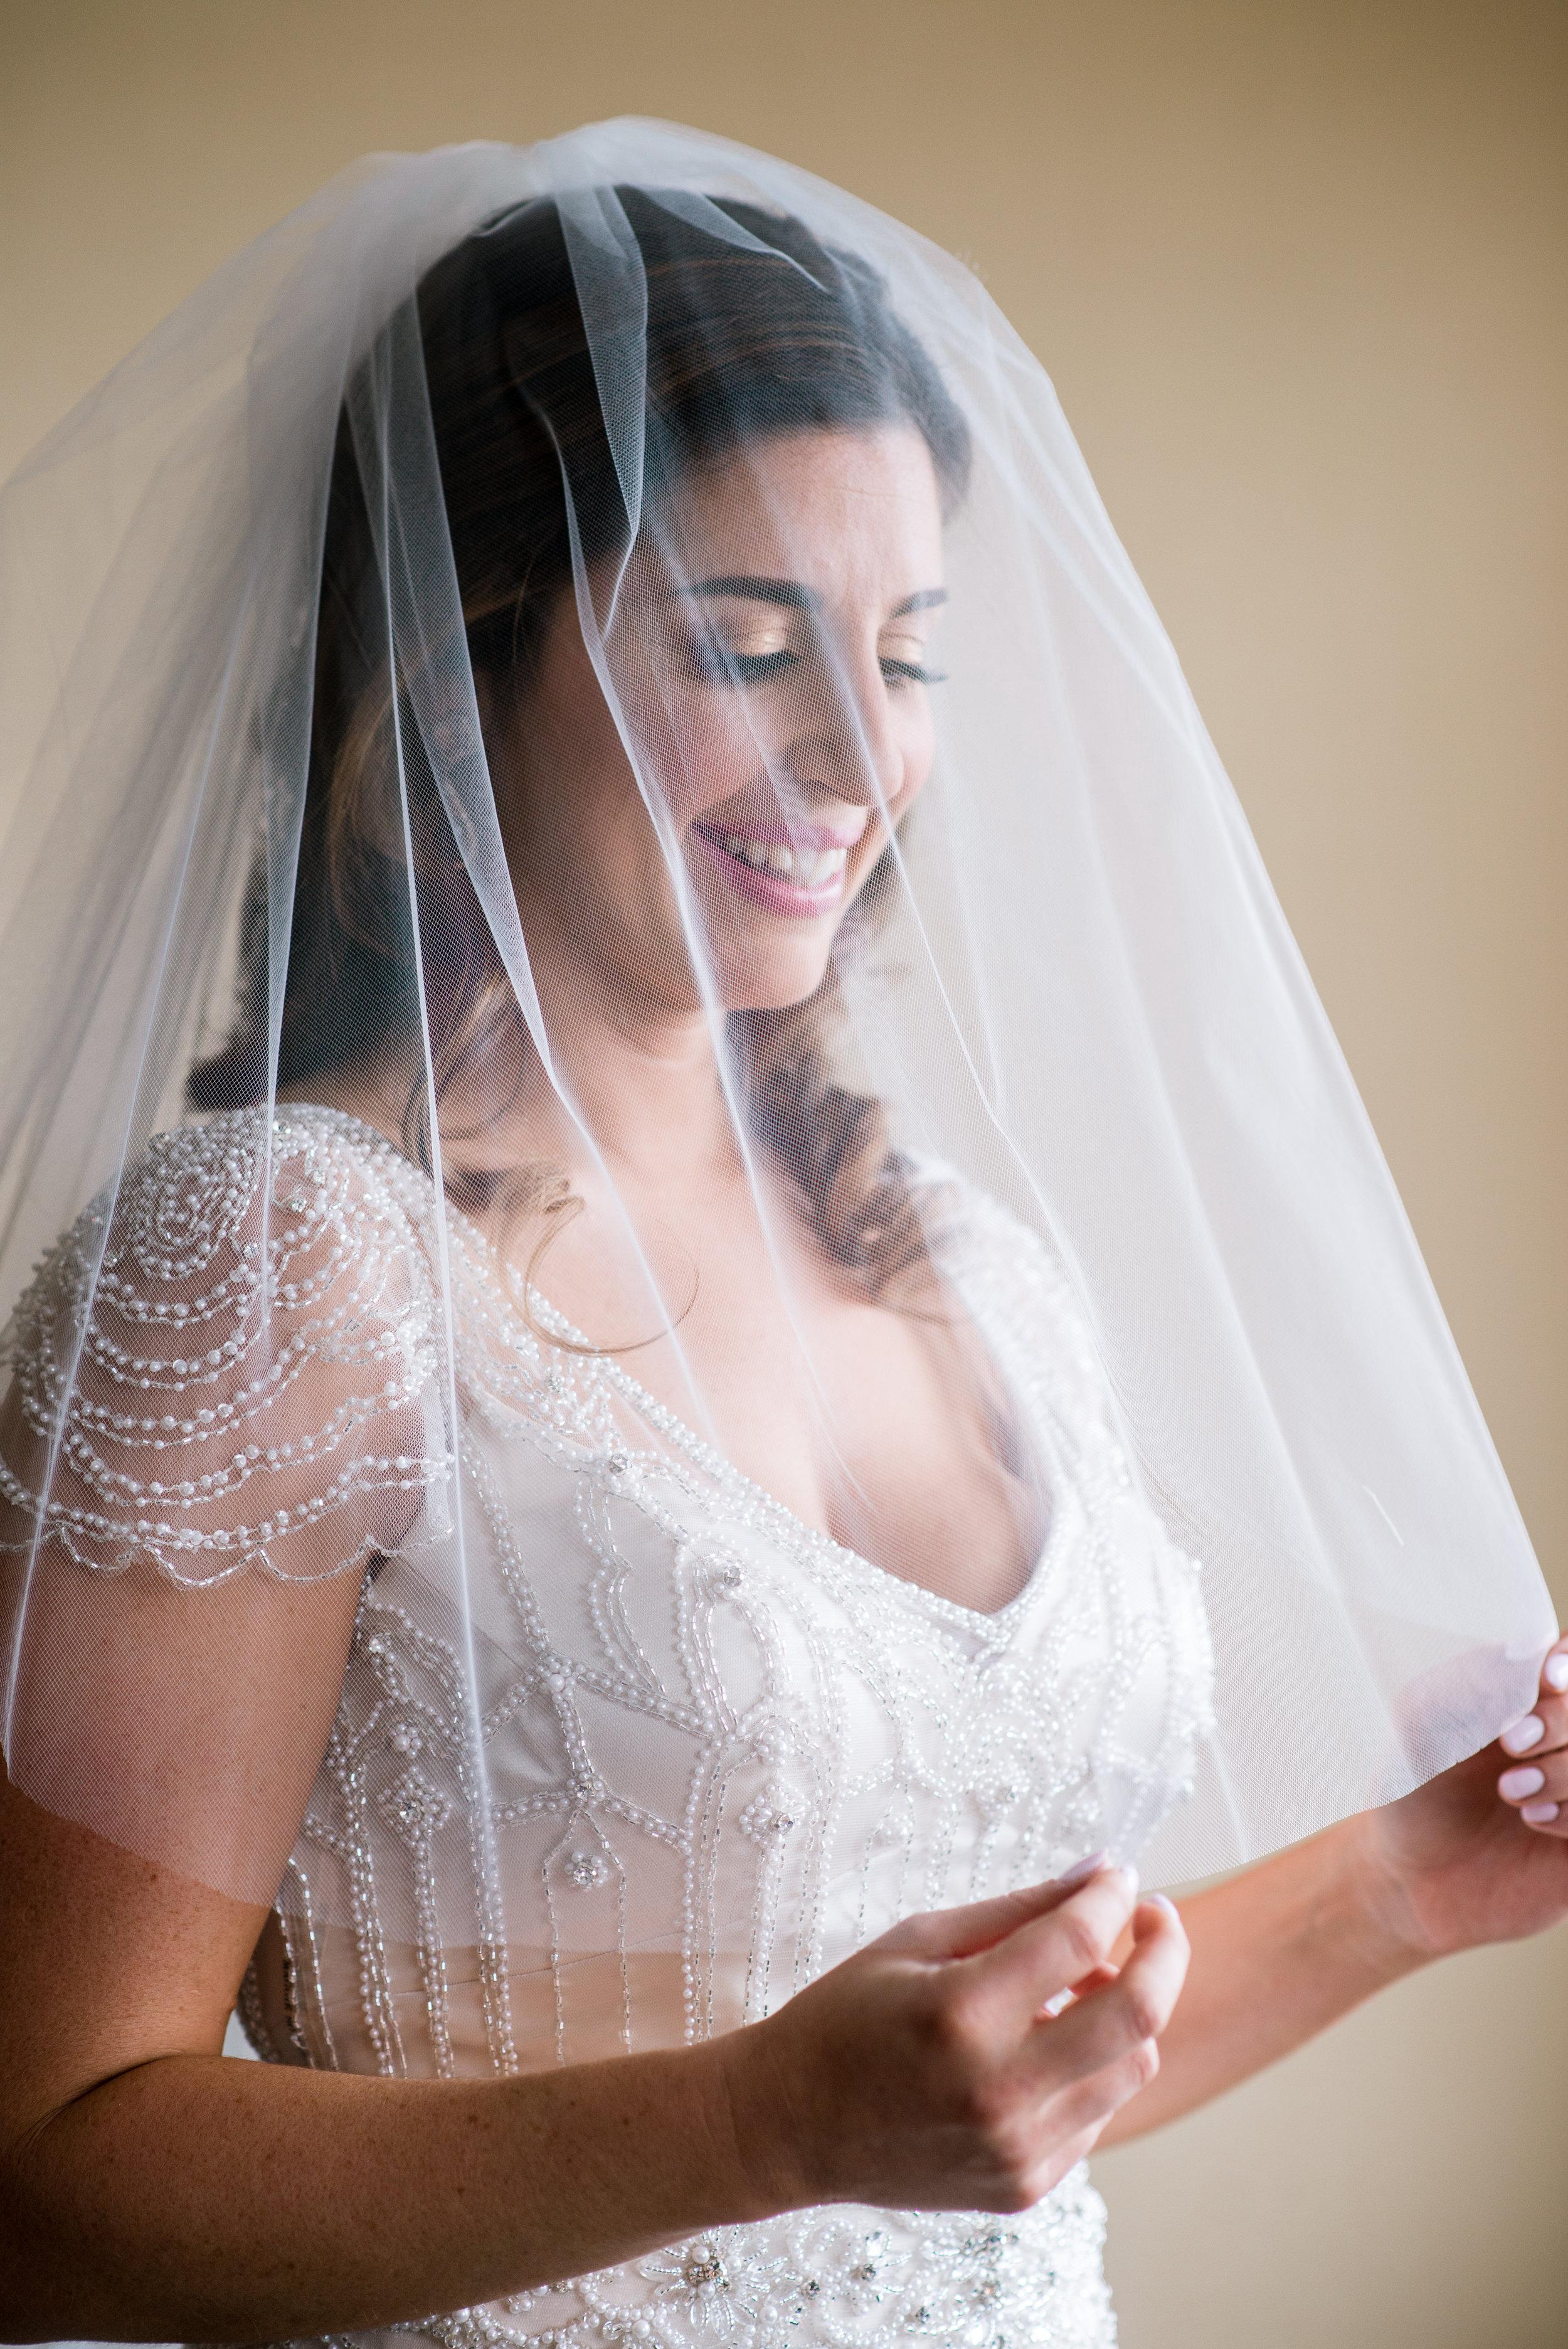 AlyandMike.Married-155.jpg